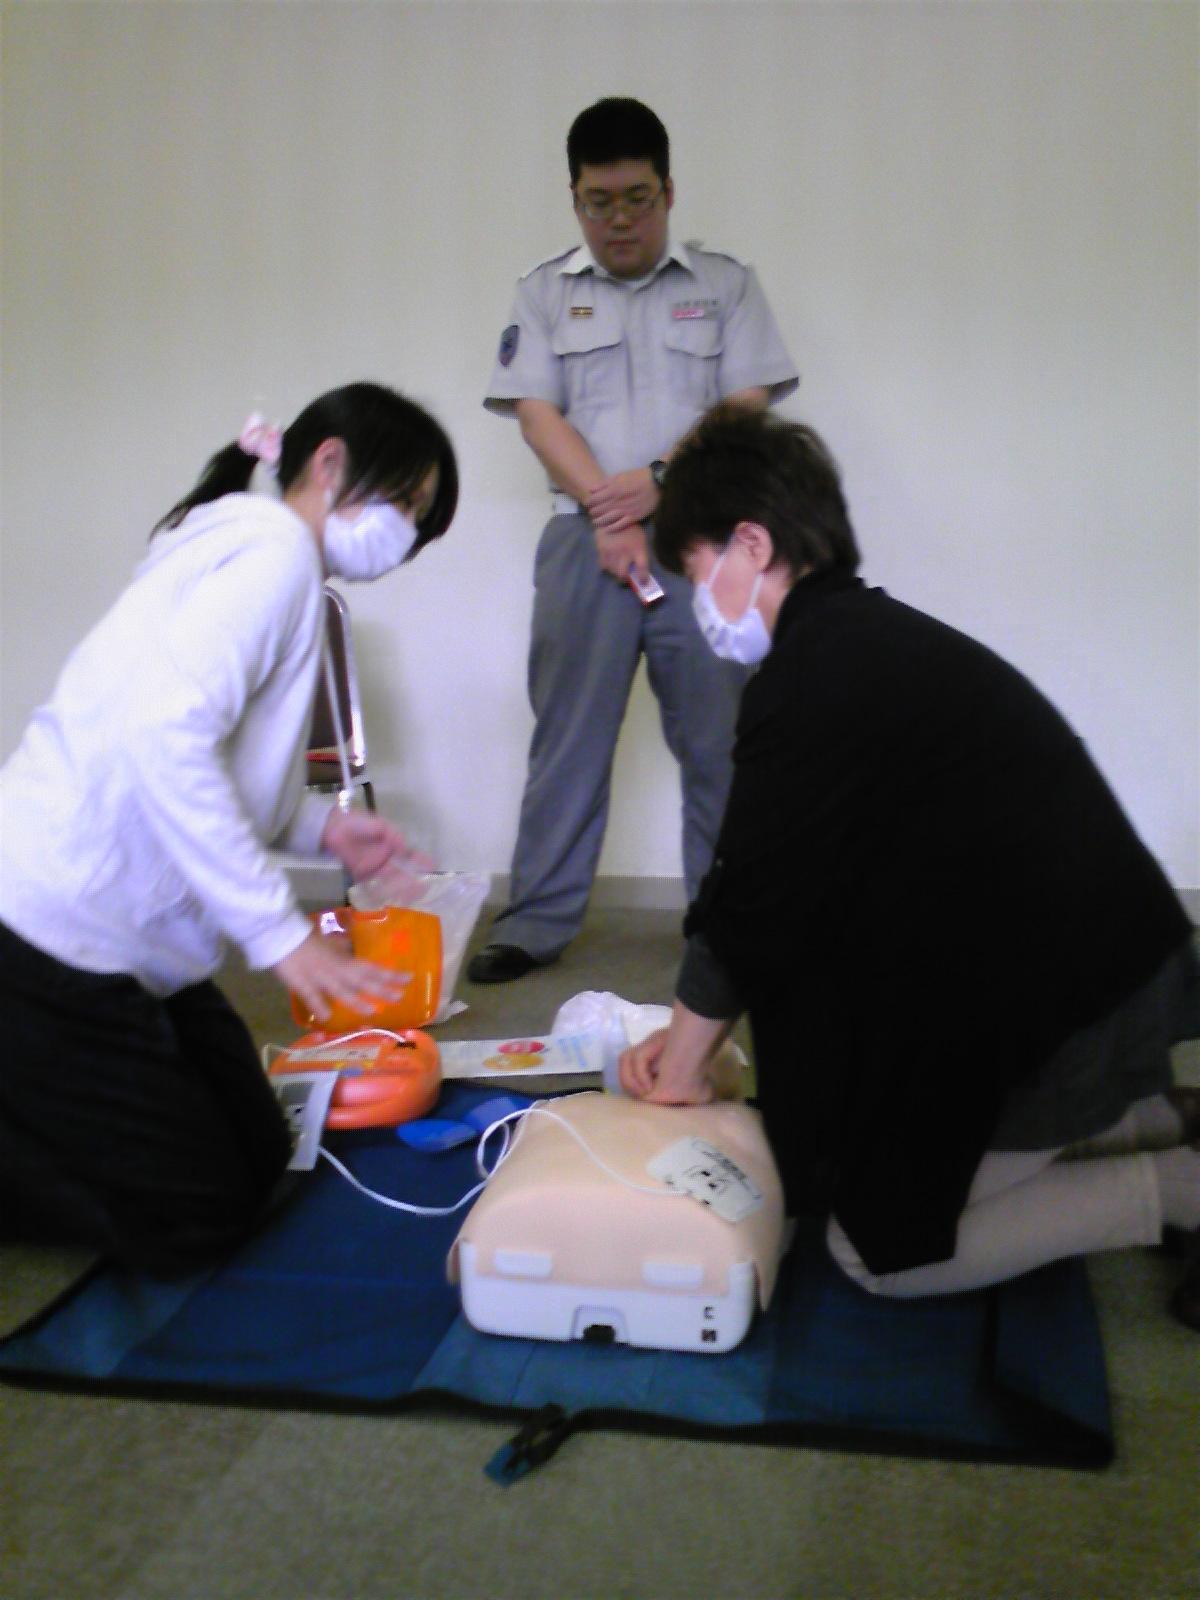 本日は救命救急講習です。